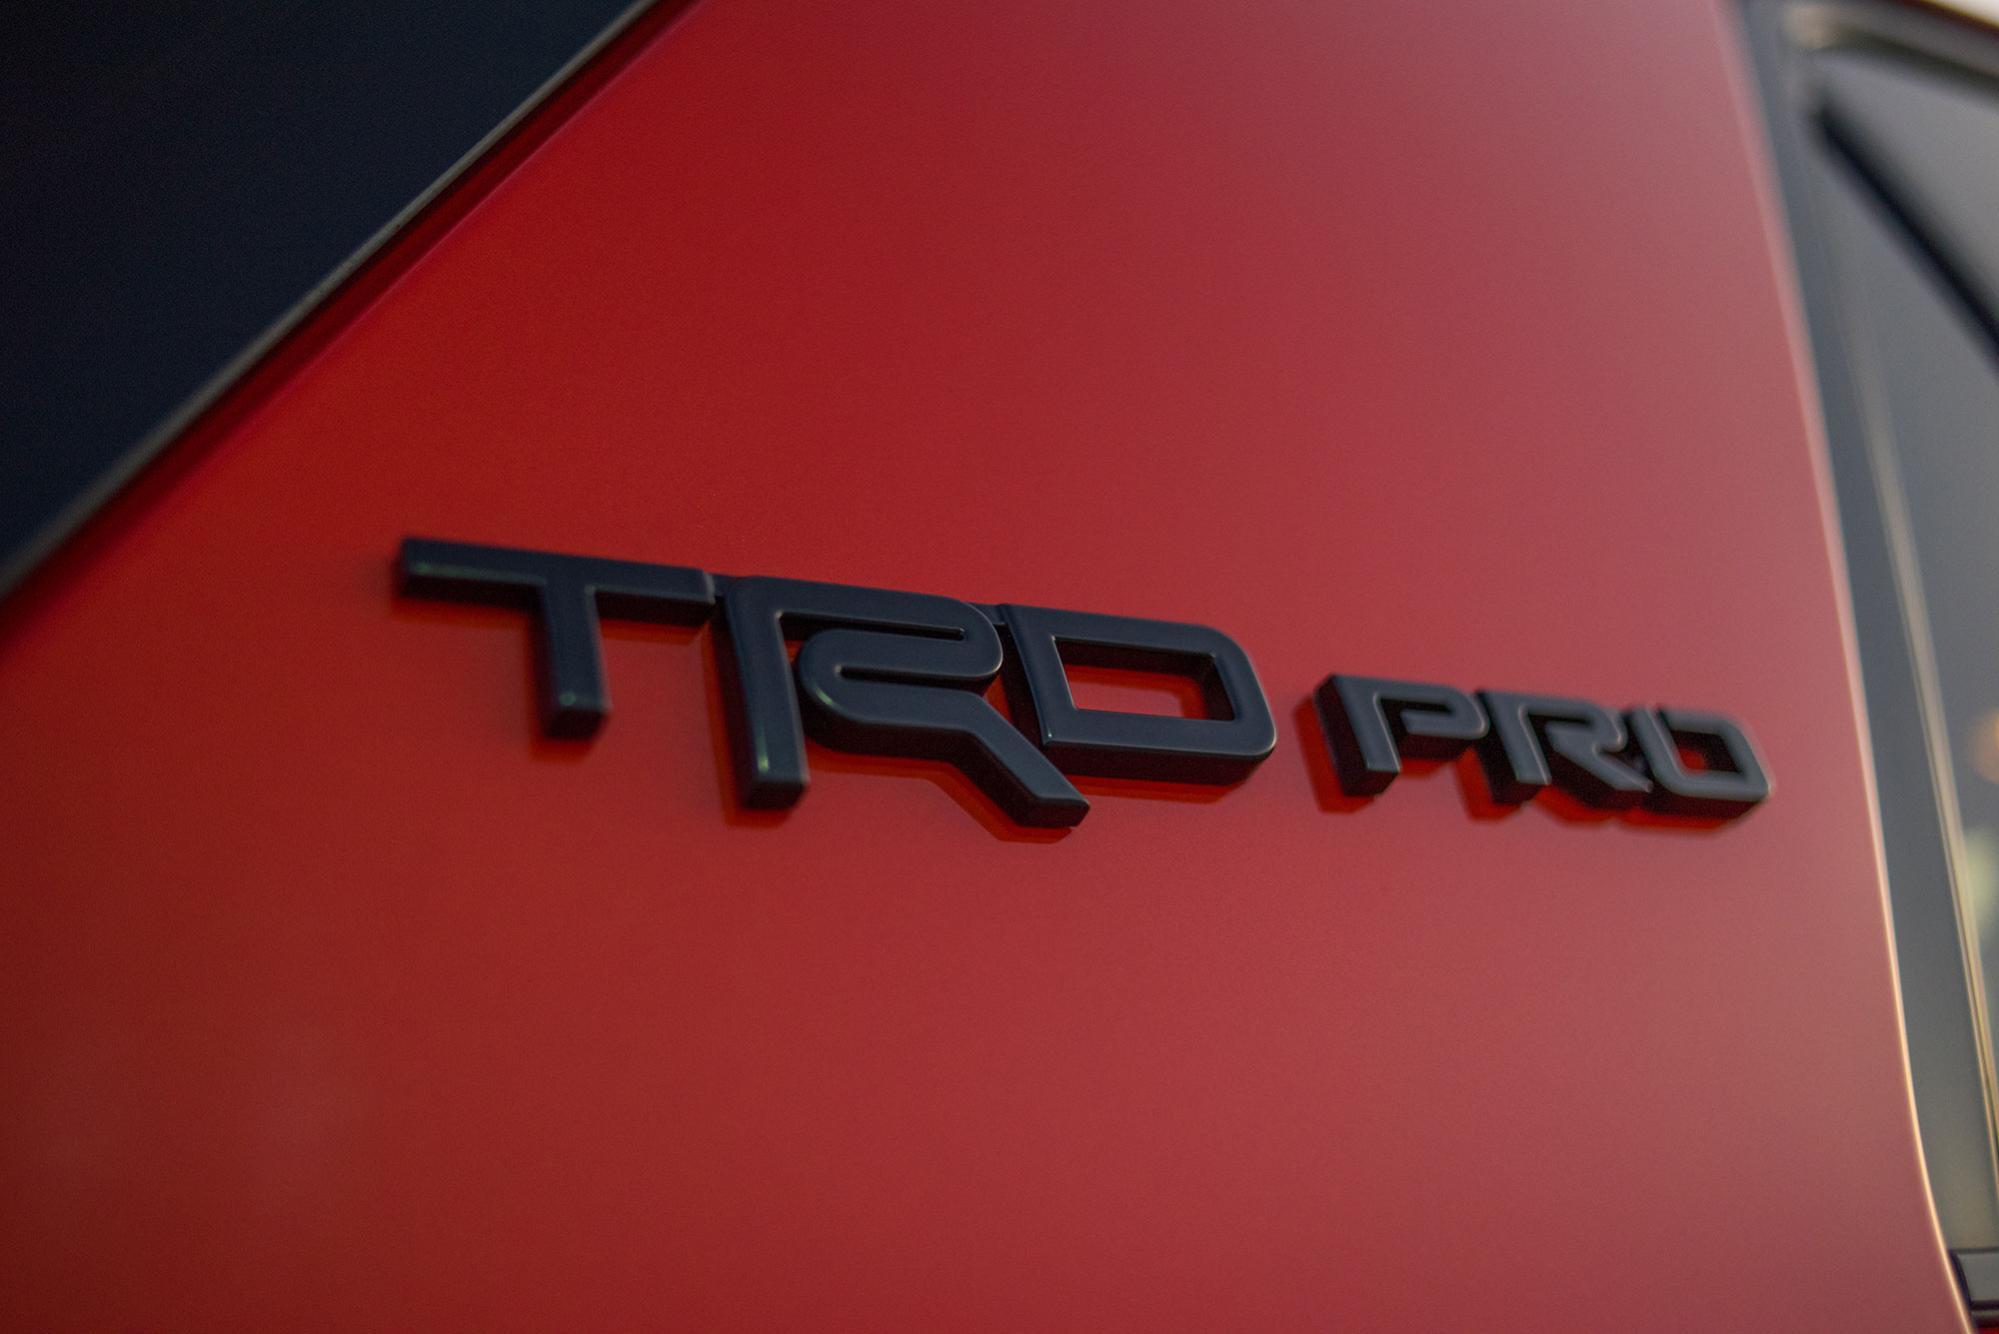 FS: Pristine, Commemorative Inferno Red 2015 4Runner TRD Pro, 31K miles, CA Bay Area-dsc_4666-jpg